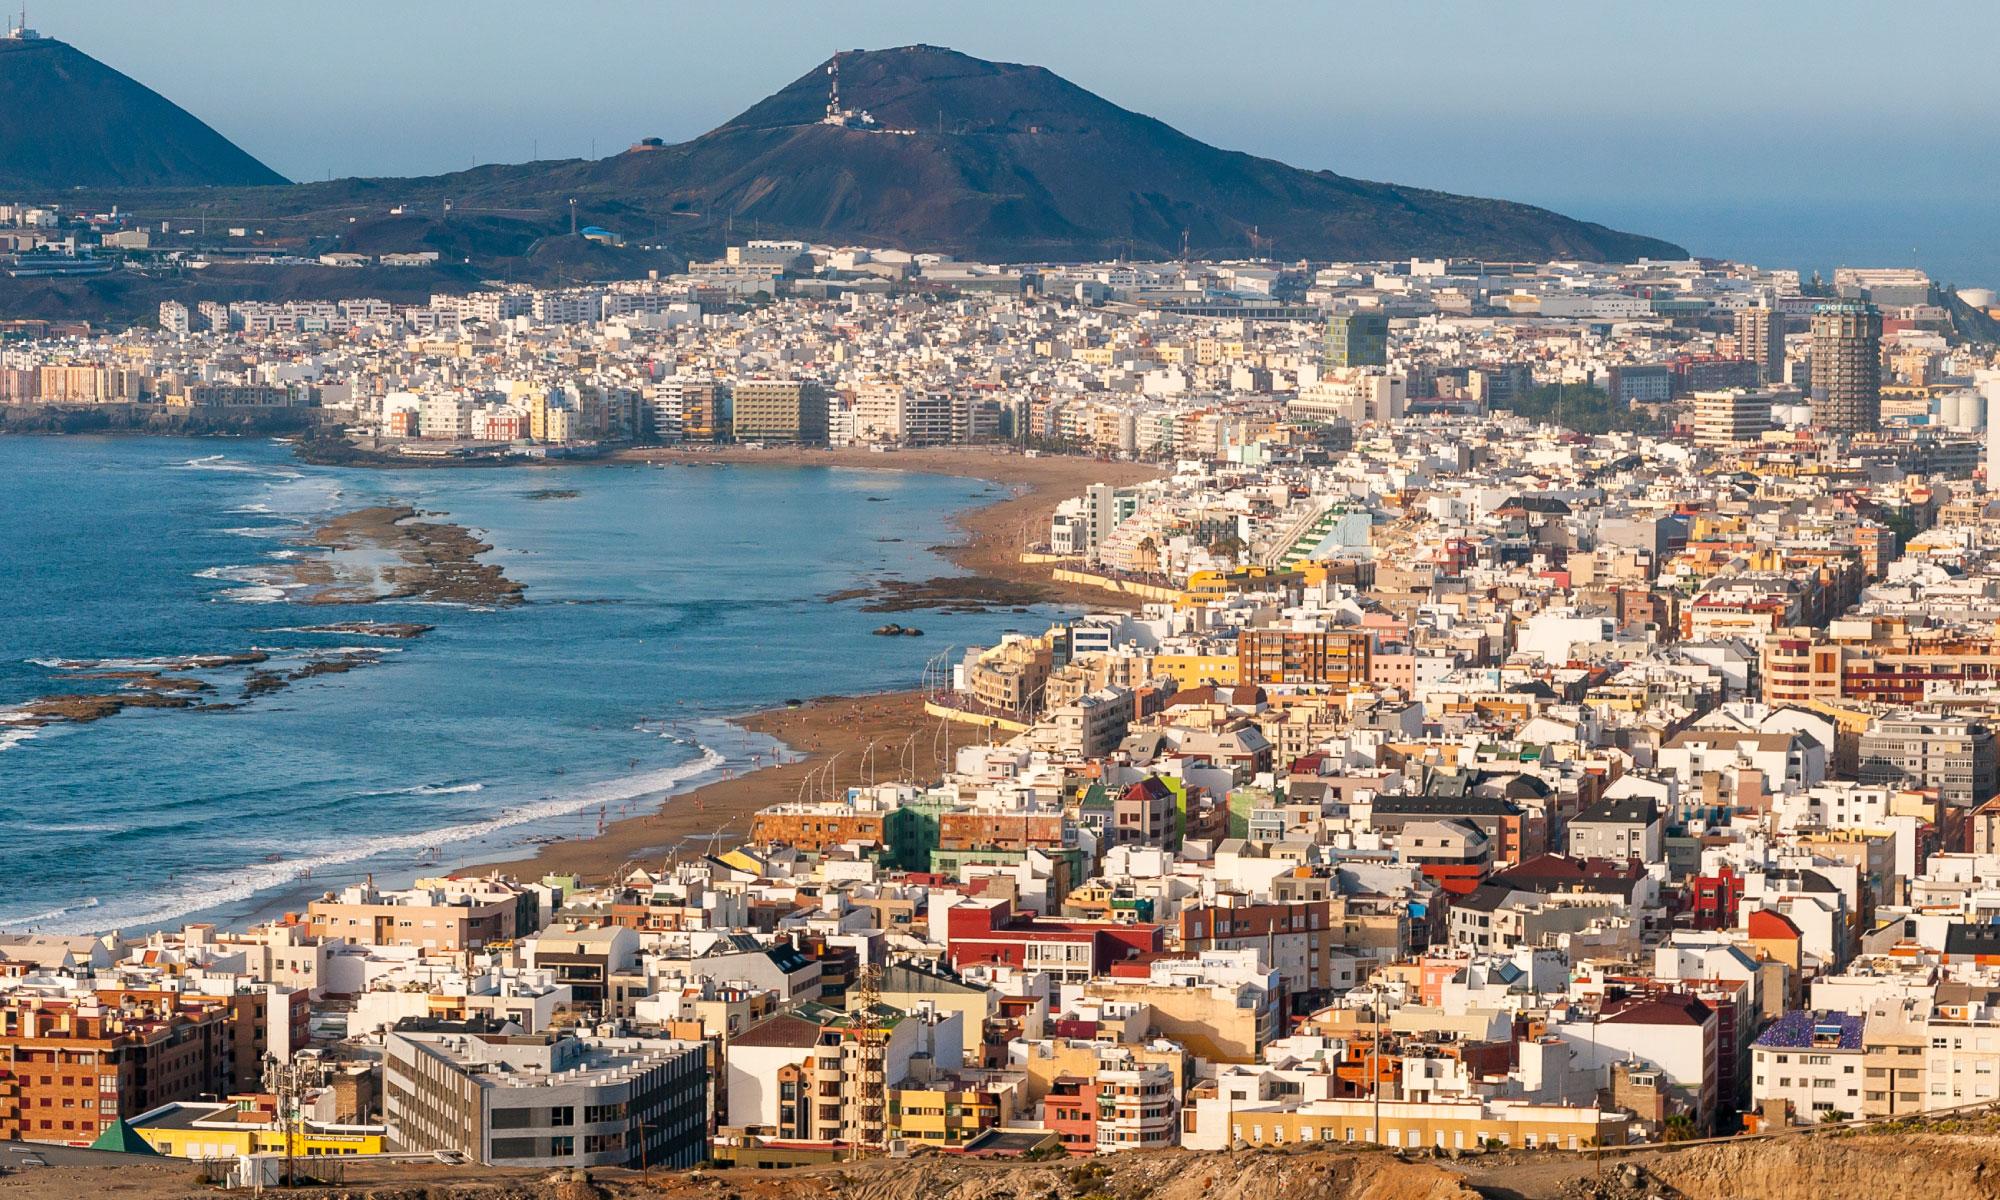 Centro urbano de Las Palmas de Gran Canaria